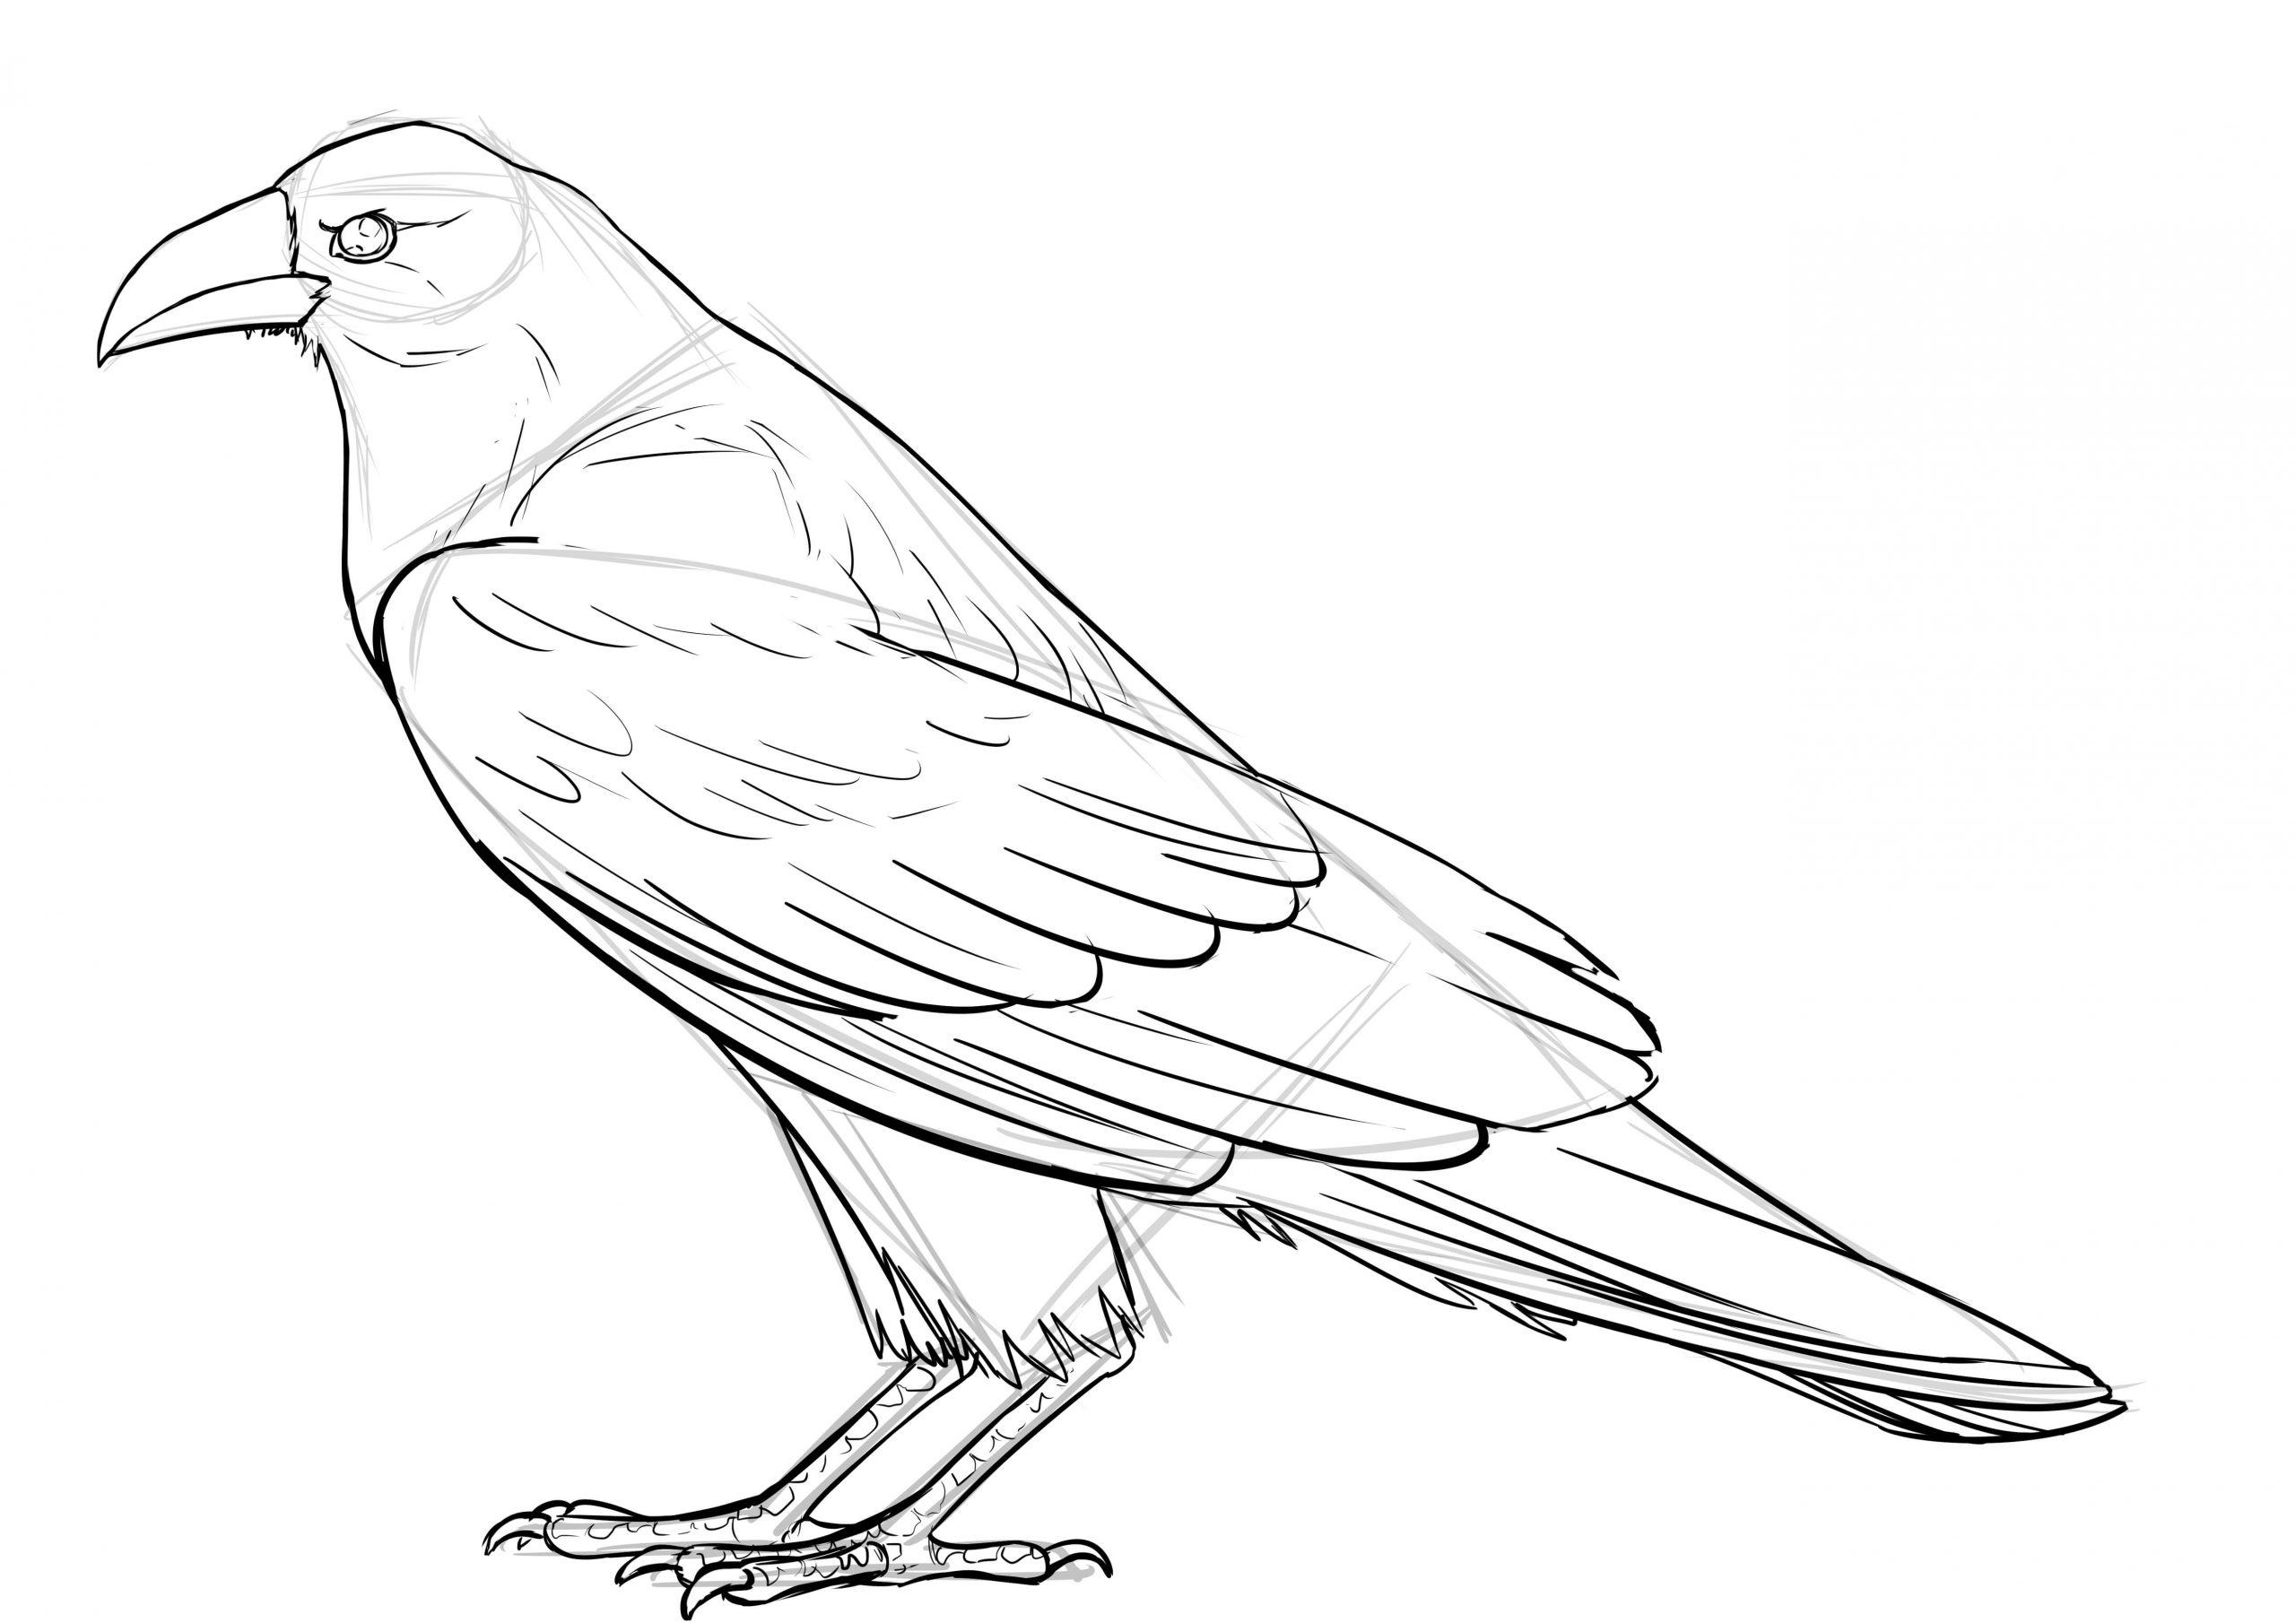 Comment Réaliser Un Dessin De Corbeau - Dessindigo tout Dessin D Oiseau Simple